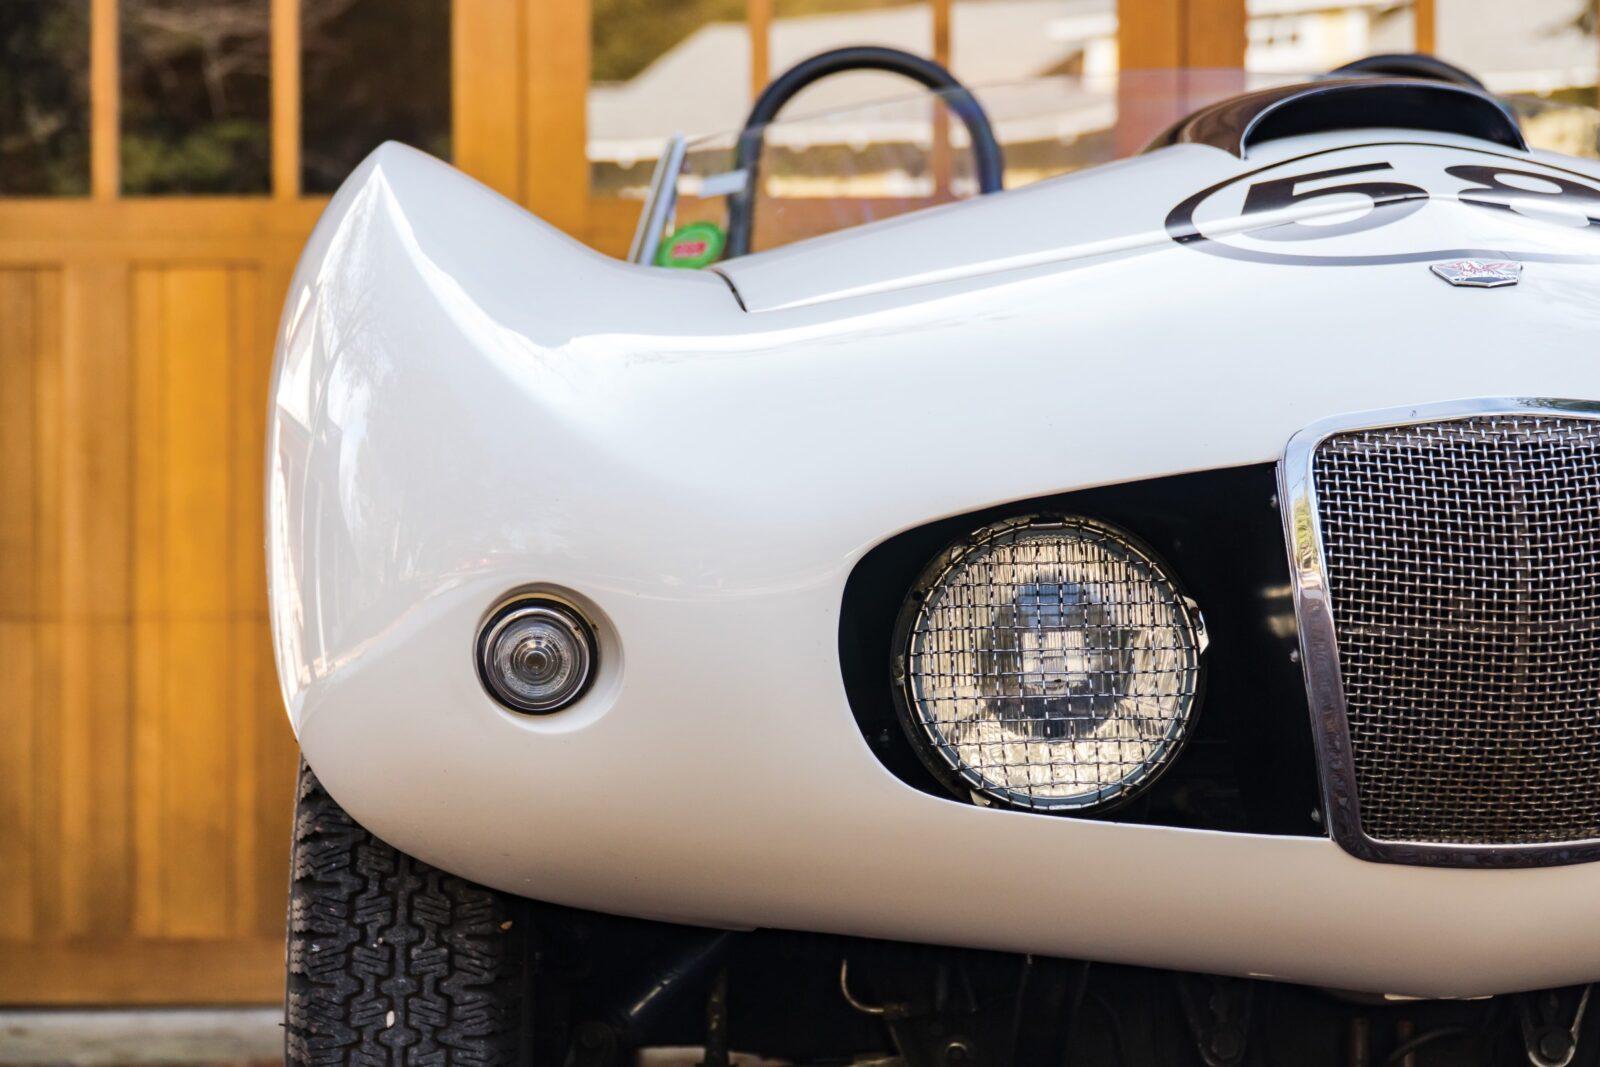 arnolt bristol car 4 1600x1067 - Original Works Racer: 1954 Arnolt-Bristol Bolide Roadster